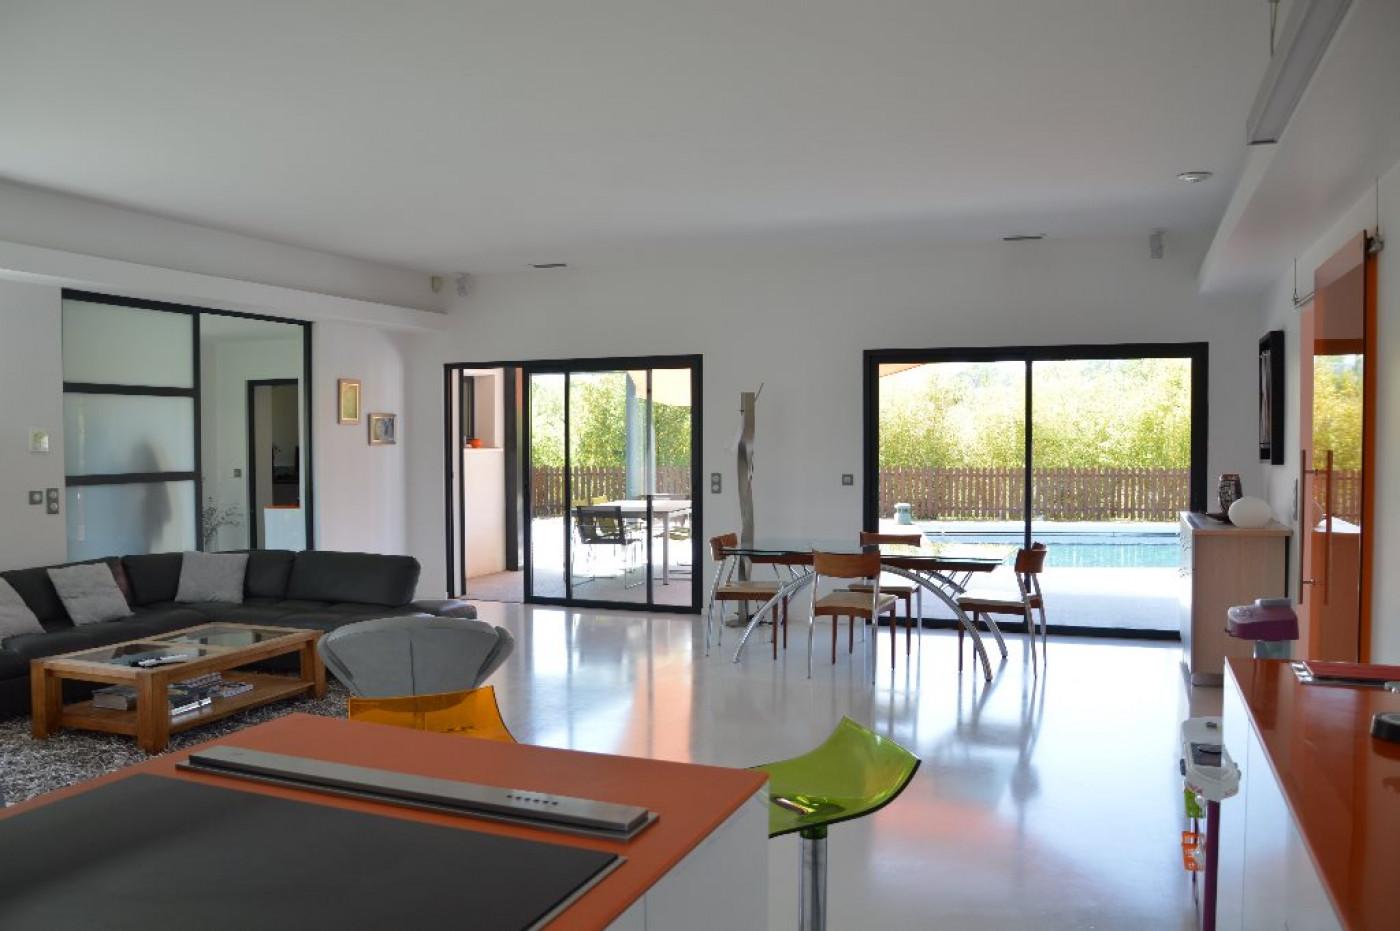 Maison contemporaine en vente à Montpellier, réf.345335004 | Argence ...